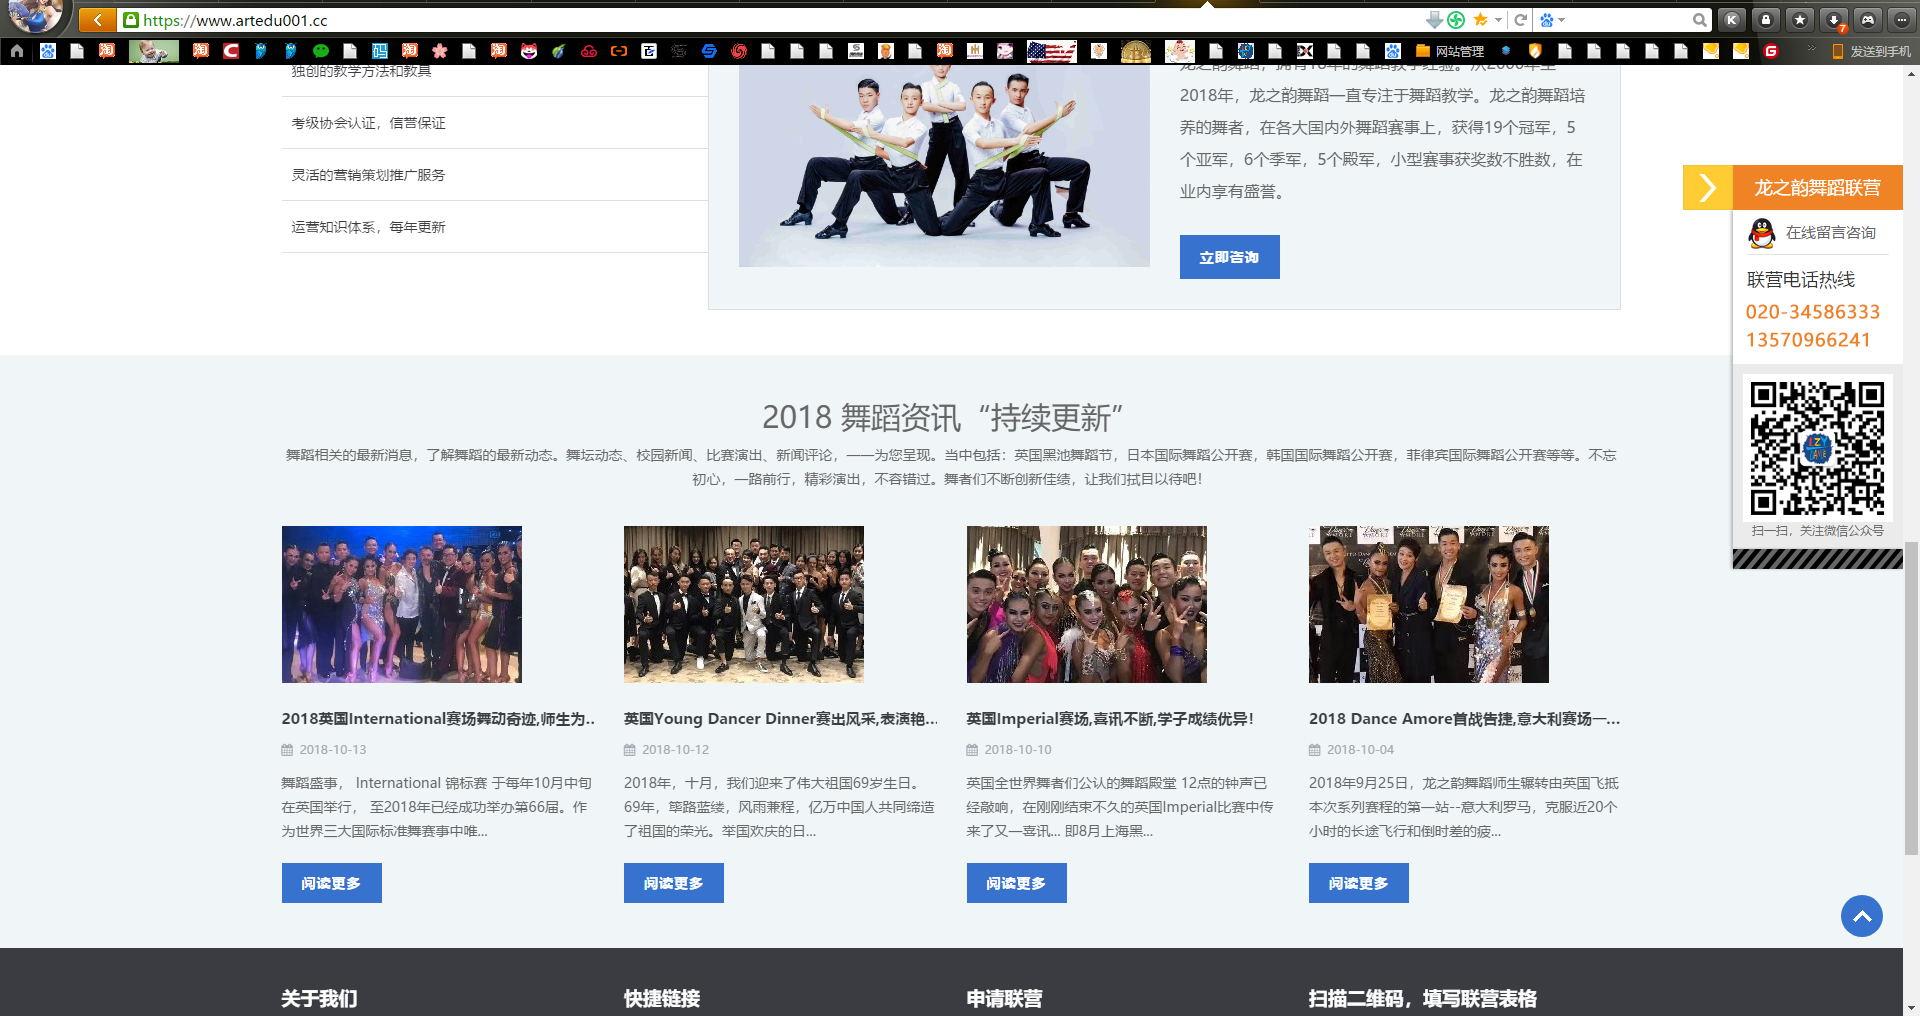 艺术联营网站界面展示